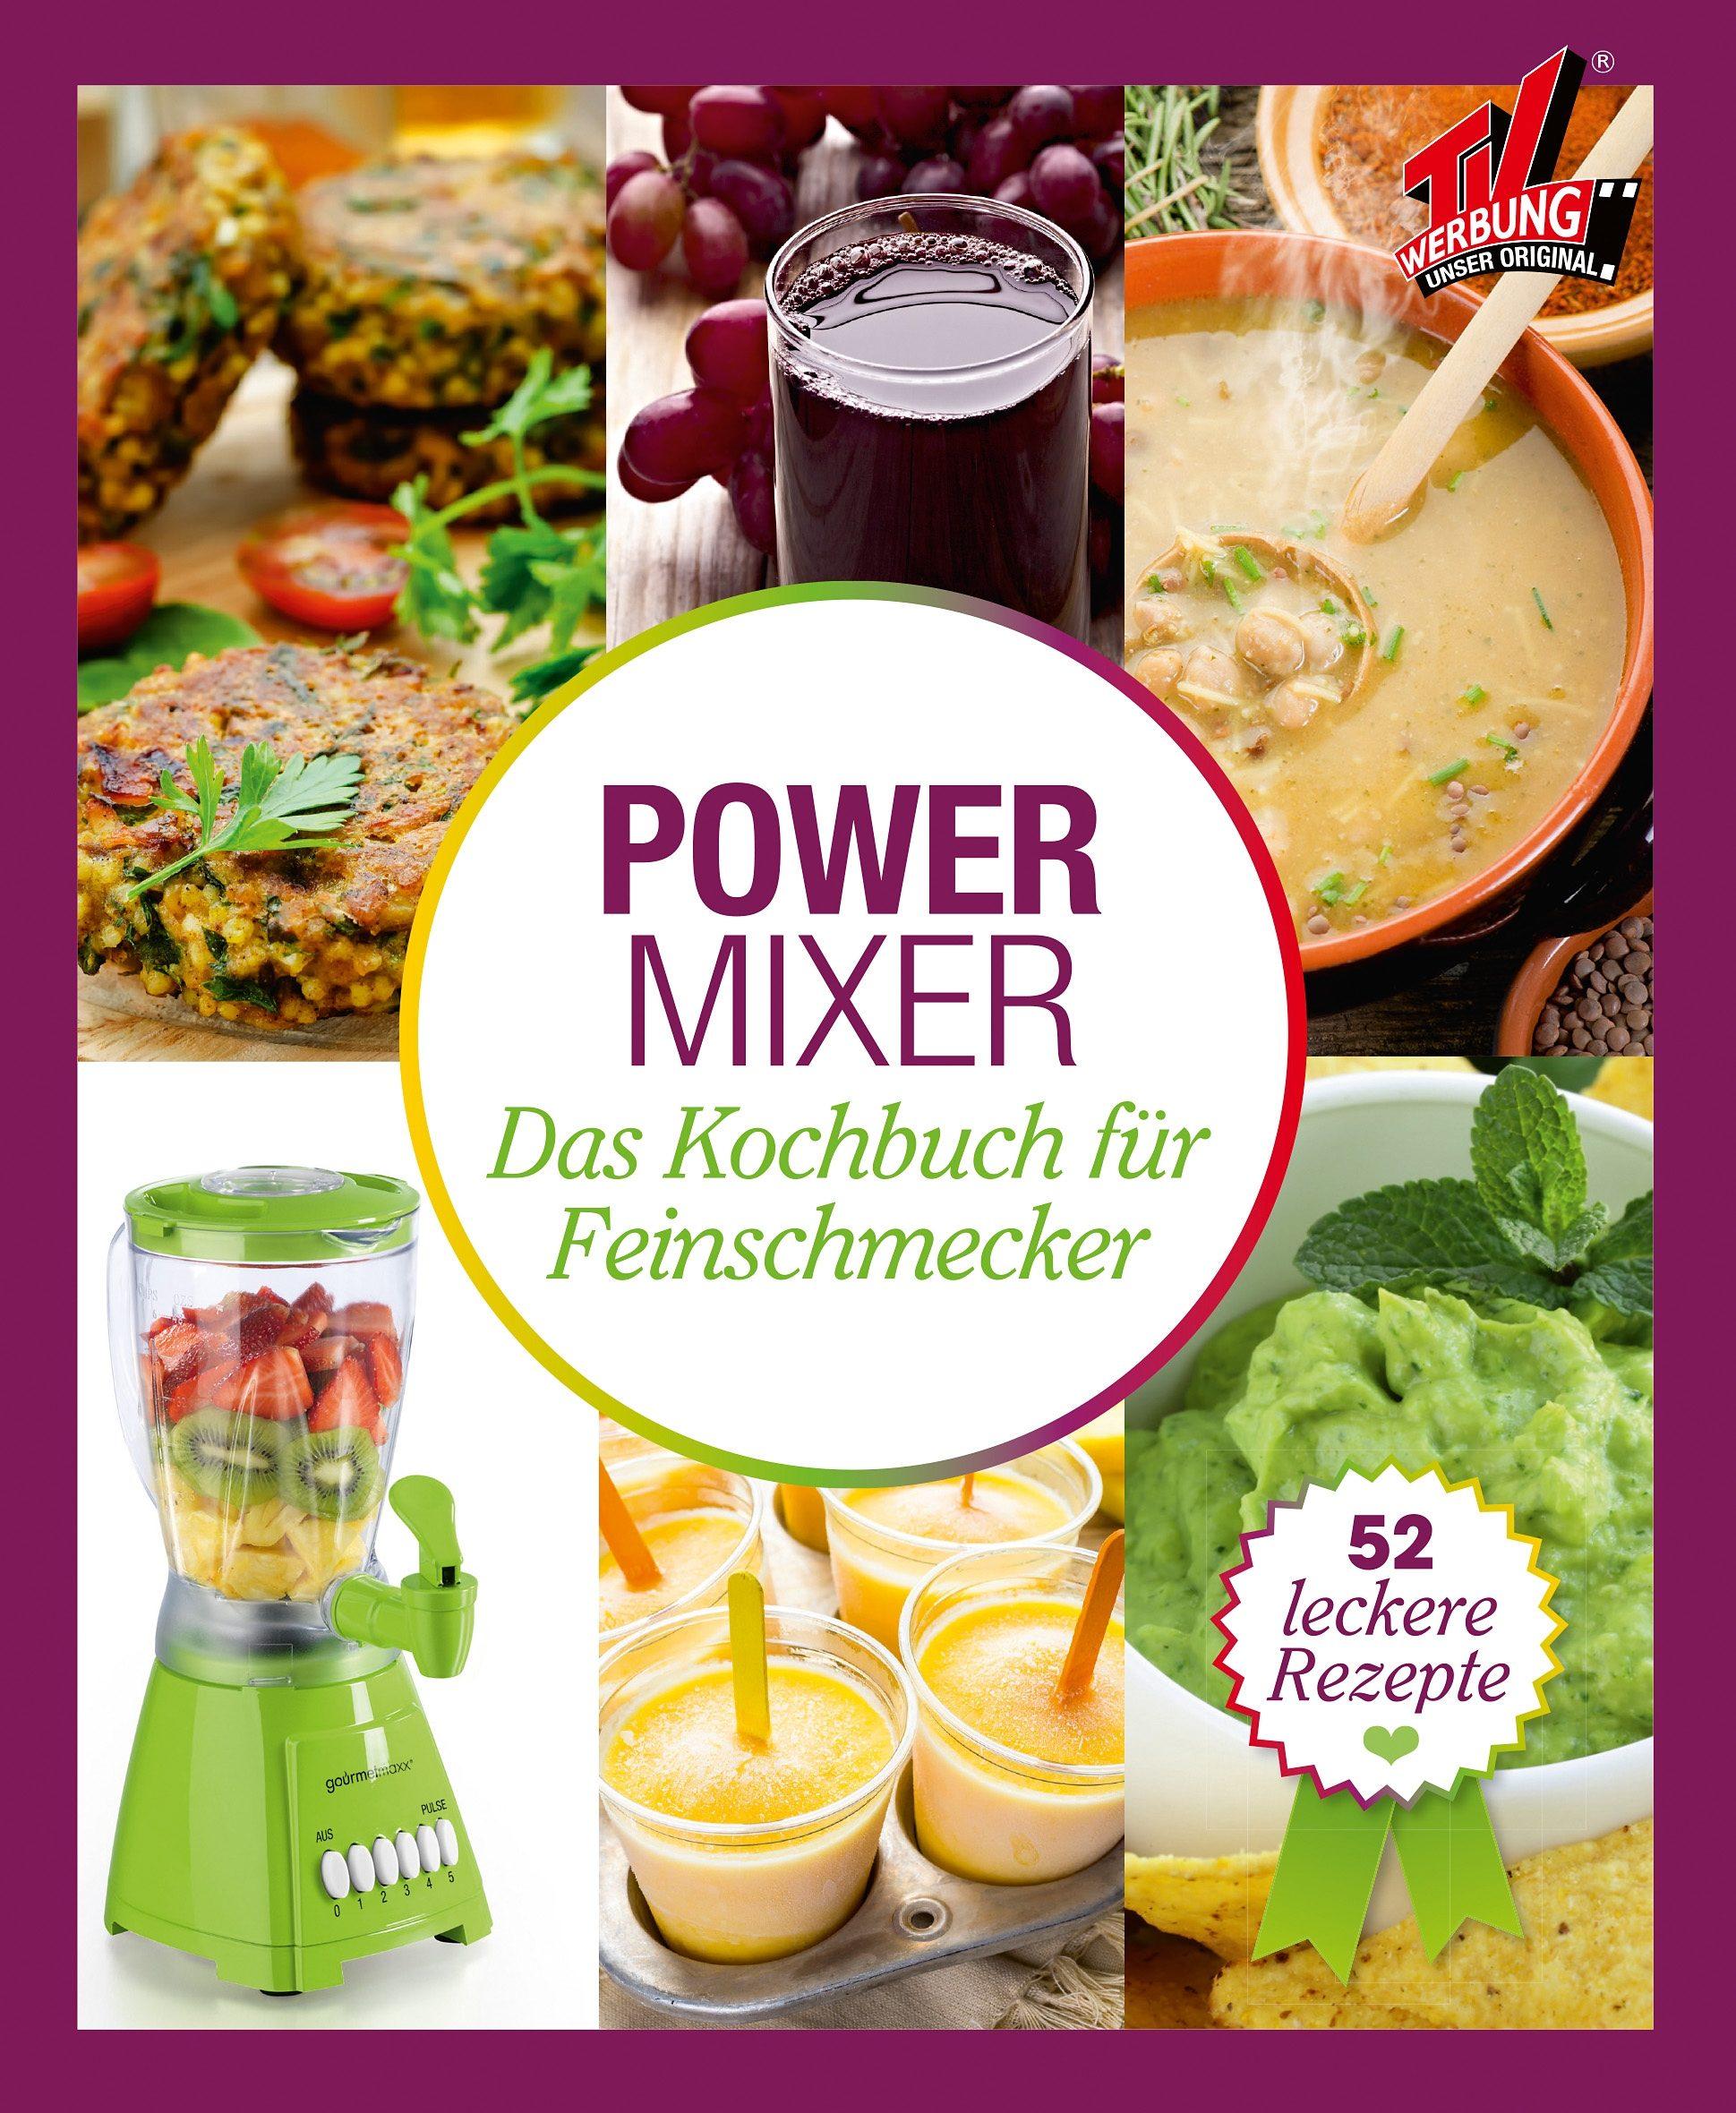 Power Mixer Buch - Das Kochbuch für Feinschmecker